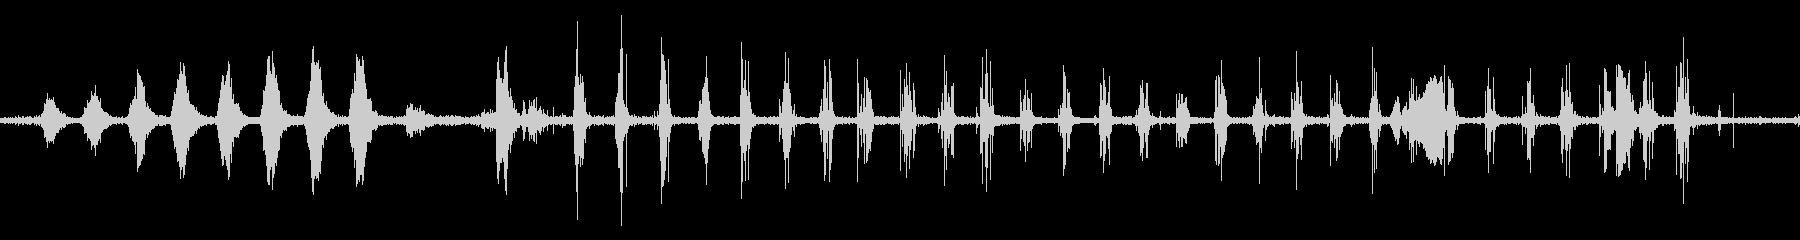 軍隊のマーチカウントラウドマーチングの未再生の波形